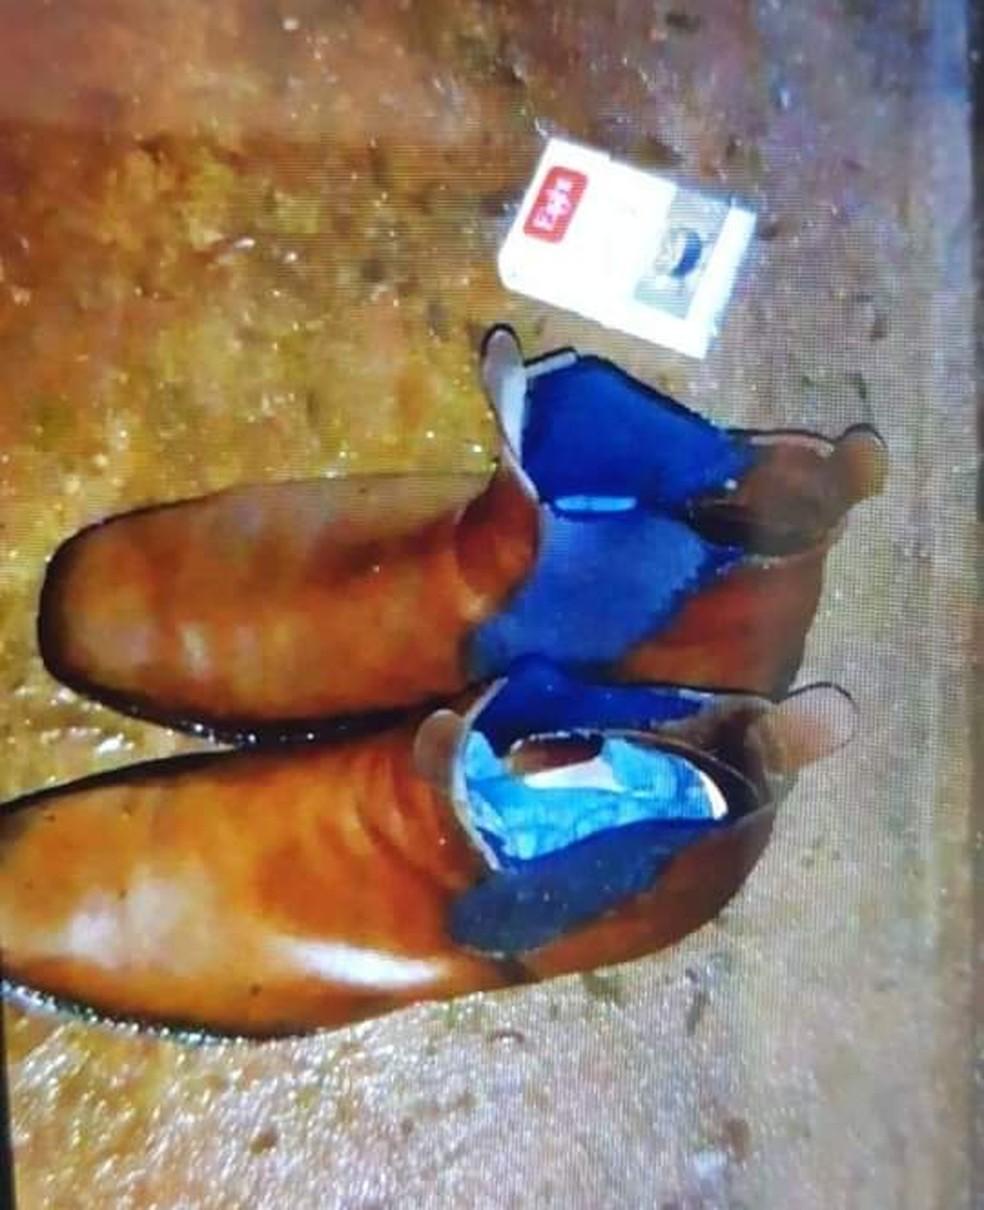 Botas usadas pelo idoso foram encontradas próximas ao rio em Bocaina  — Foto: Arquivo pessoal